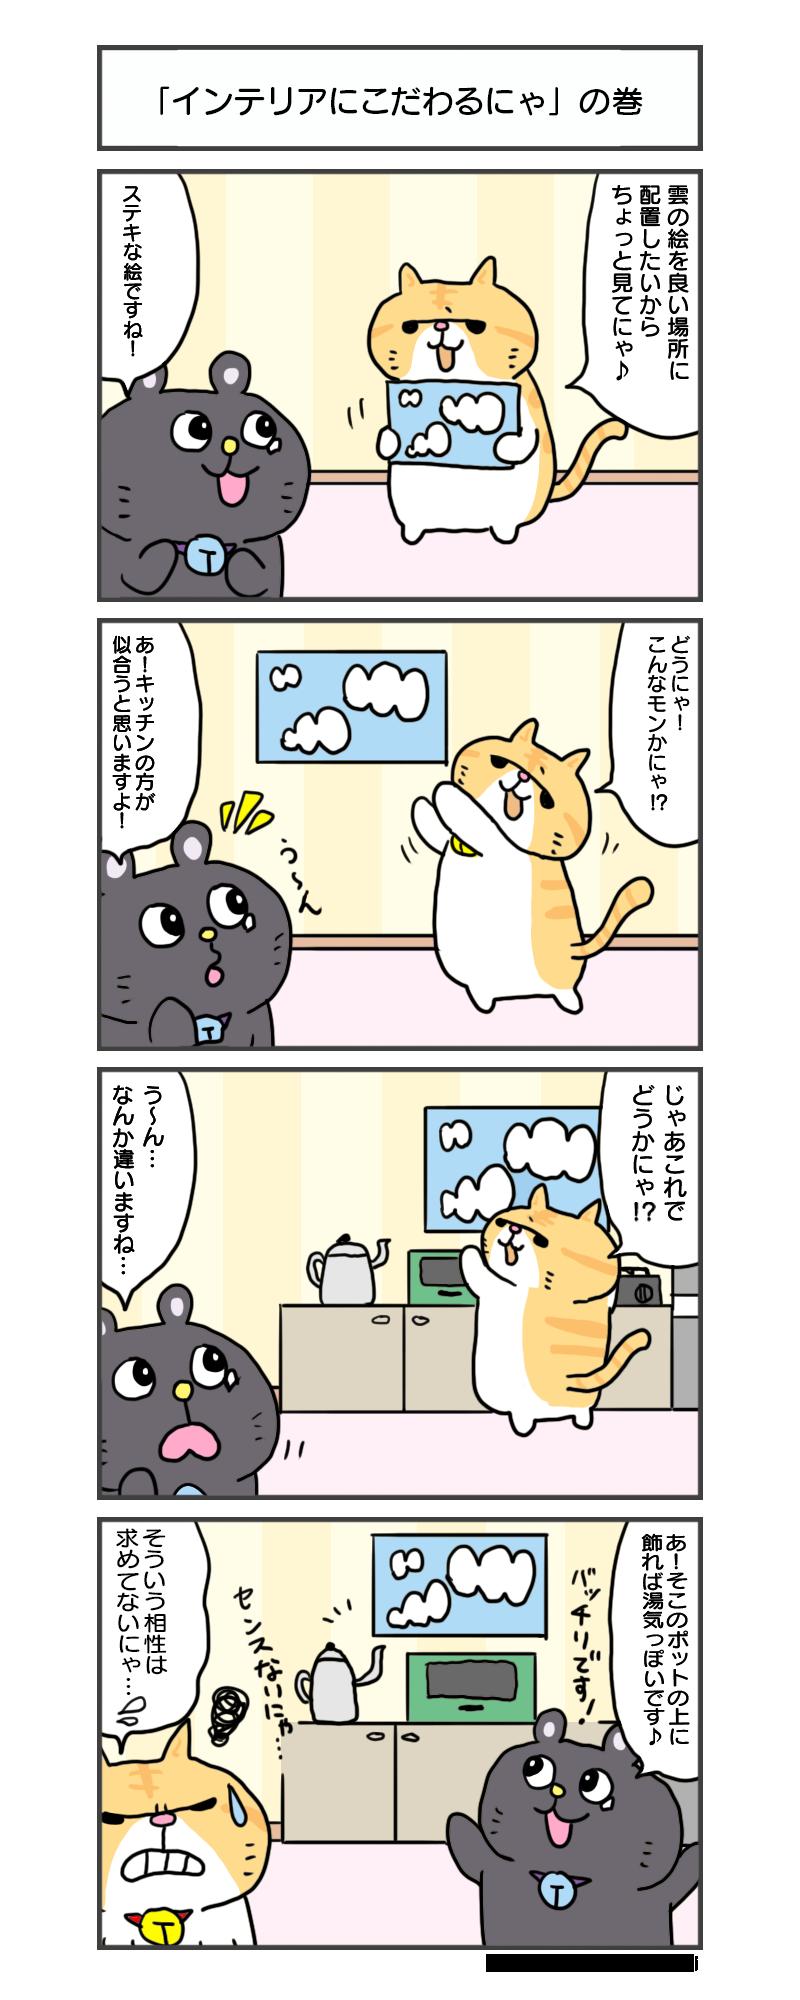 えきぞうmanga_vol.321